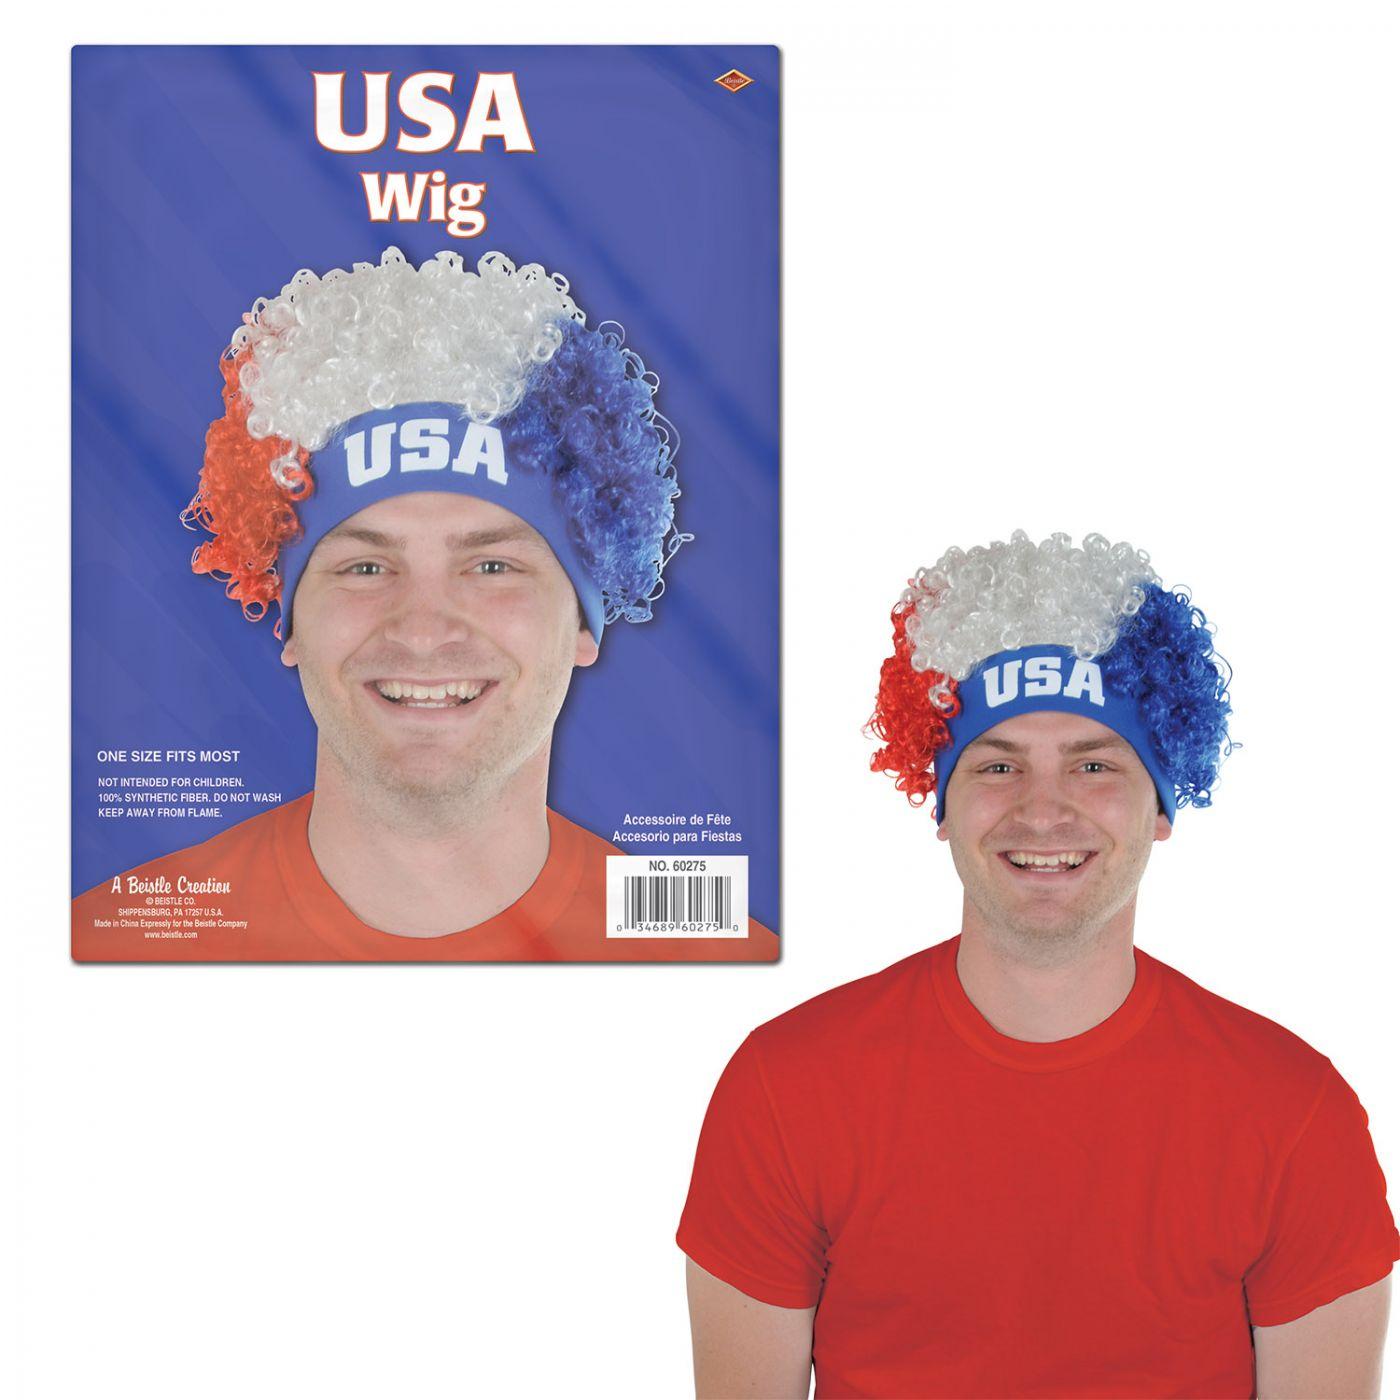 USA Wig image